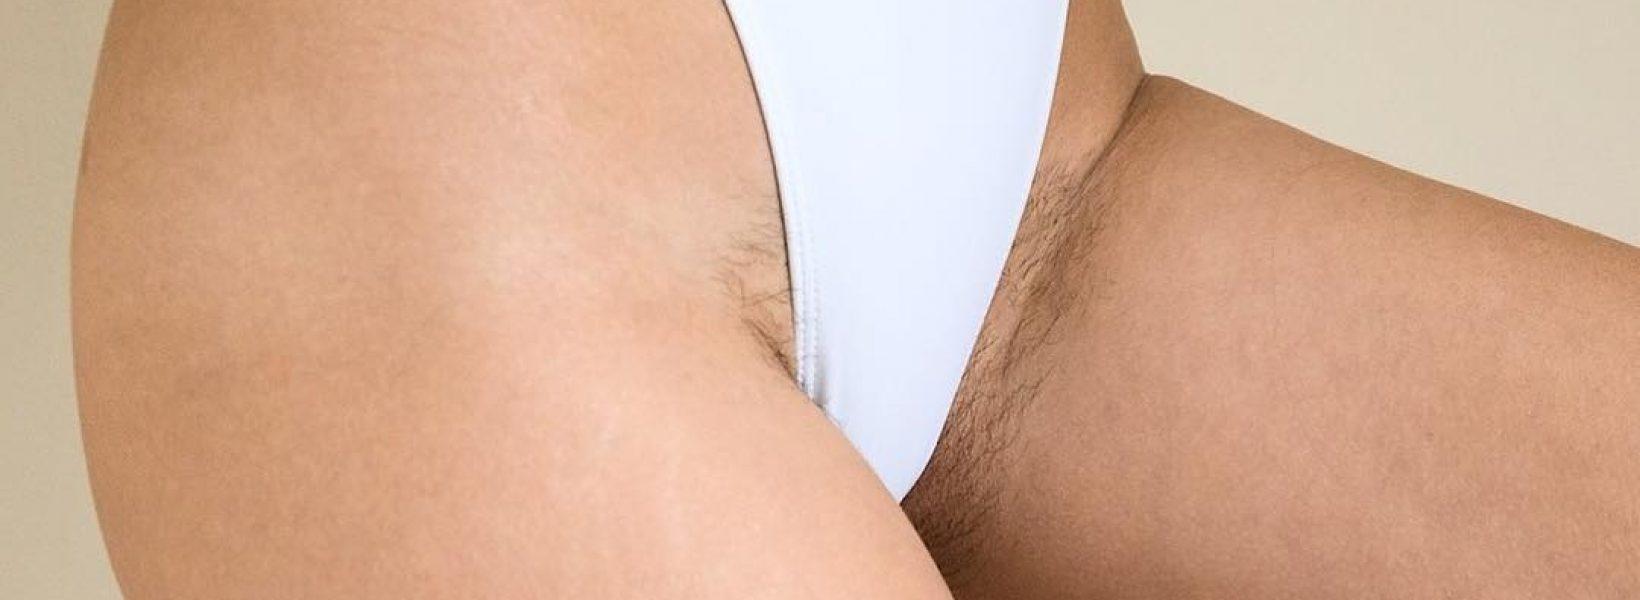 ¿Vello púbico sí o no? Cómo cuidar el pelo de tu zona íntima